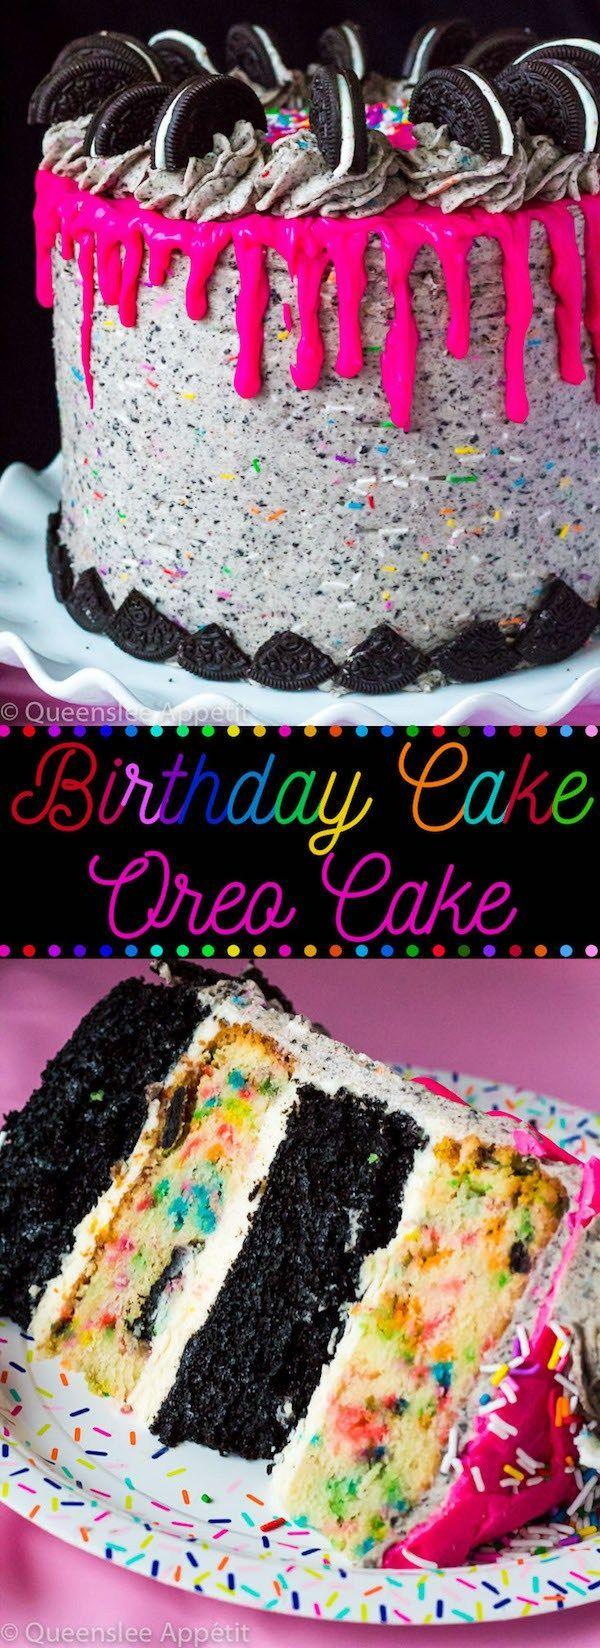 Geburtstagskuchen Oreo-Kuchen – Kuchen